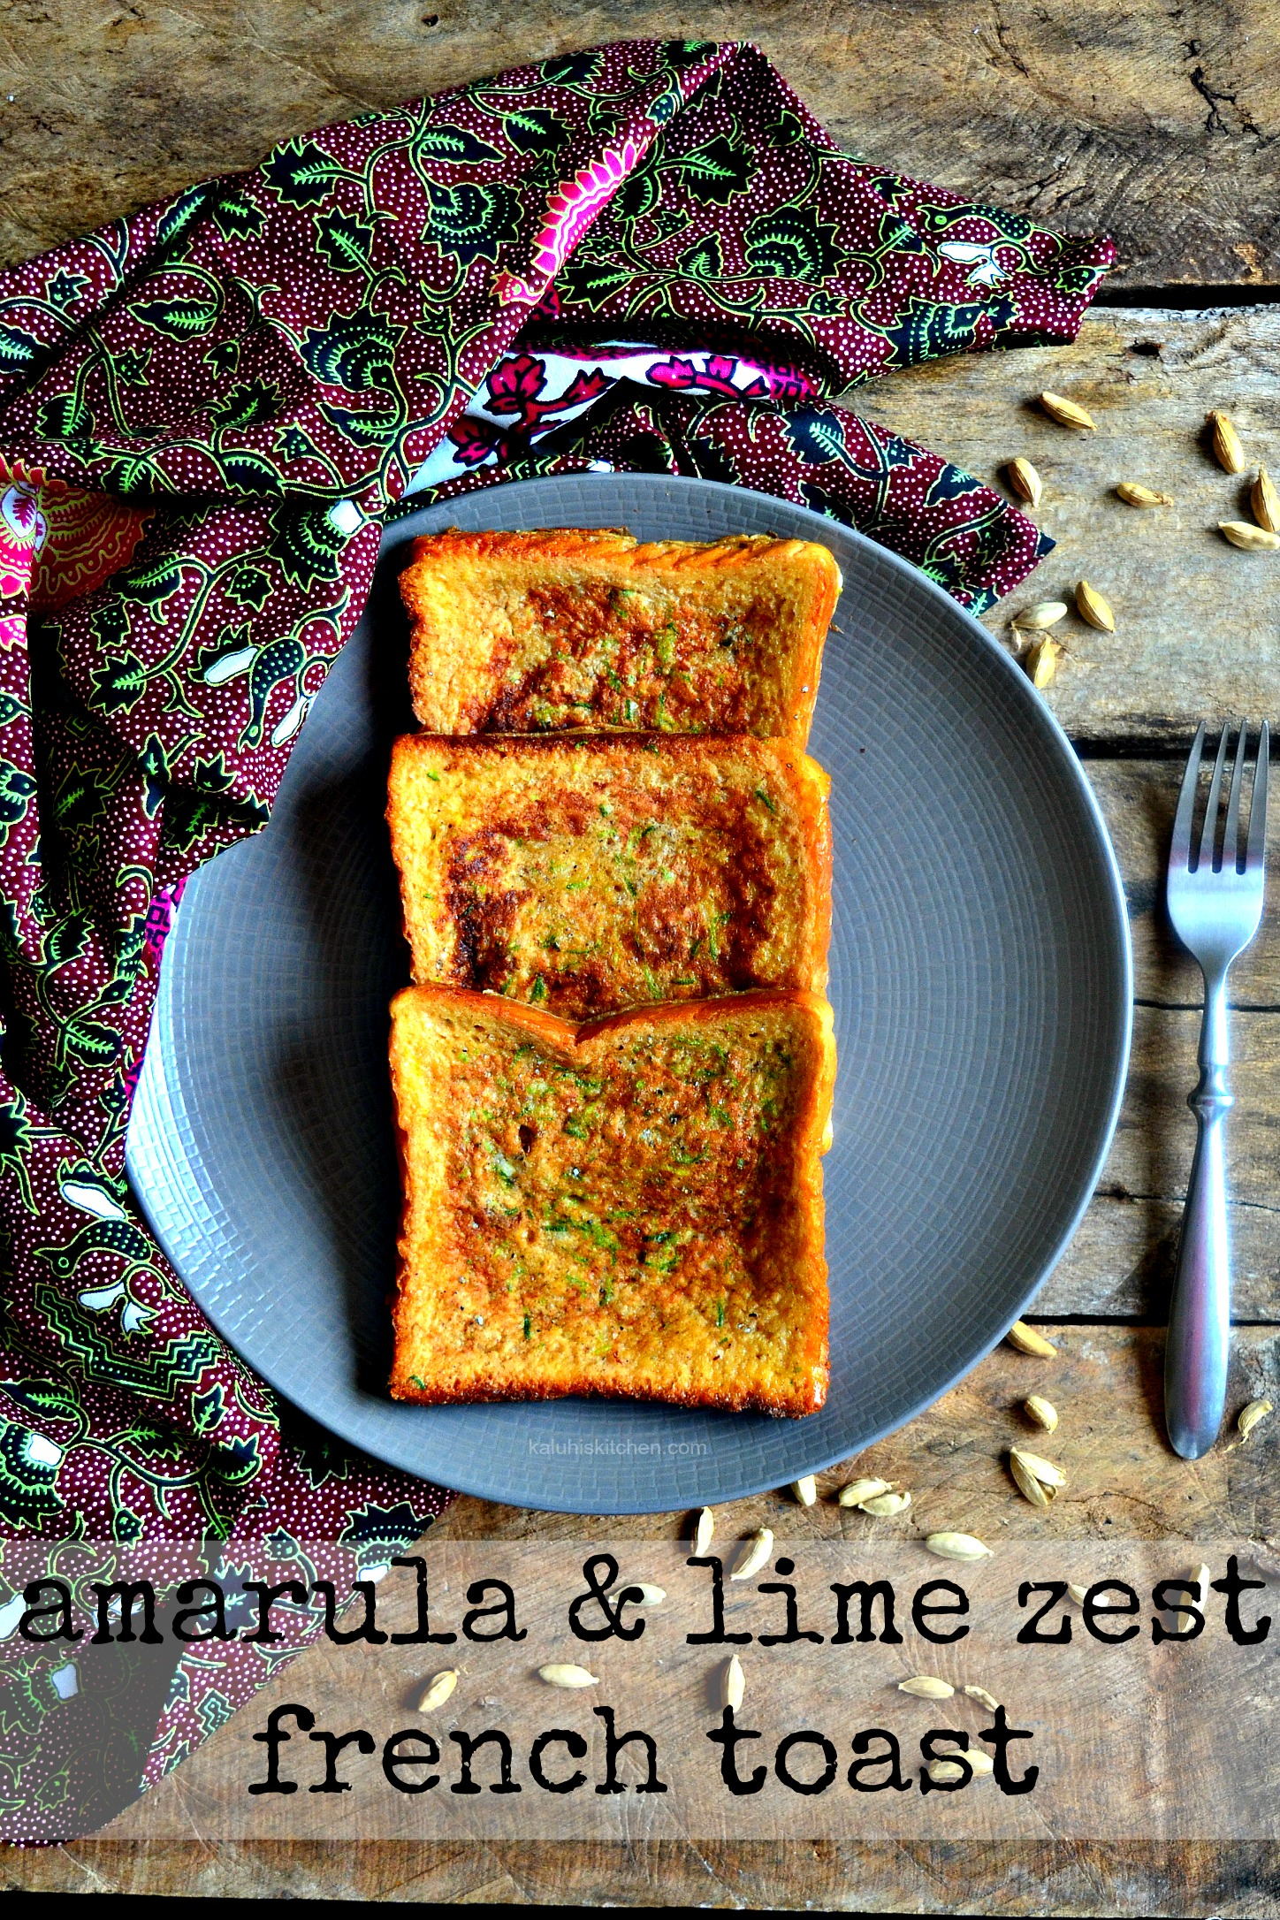 amarula and lime zest french toast_how to make french toast_brunch recipes_kaluhiskitchen.com_kenya best food bloggers kaluhi adagala_kaluhiskiitchen.com